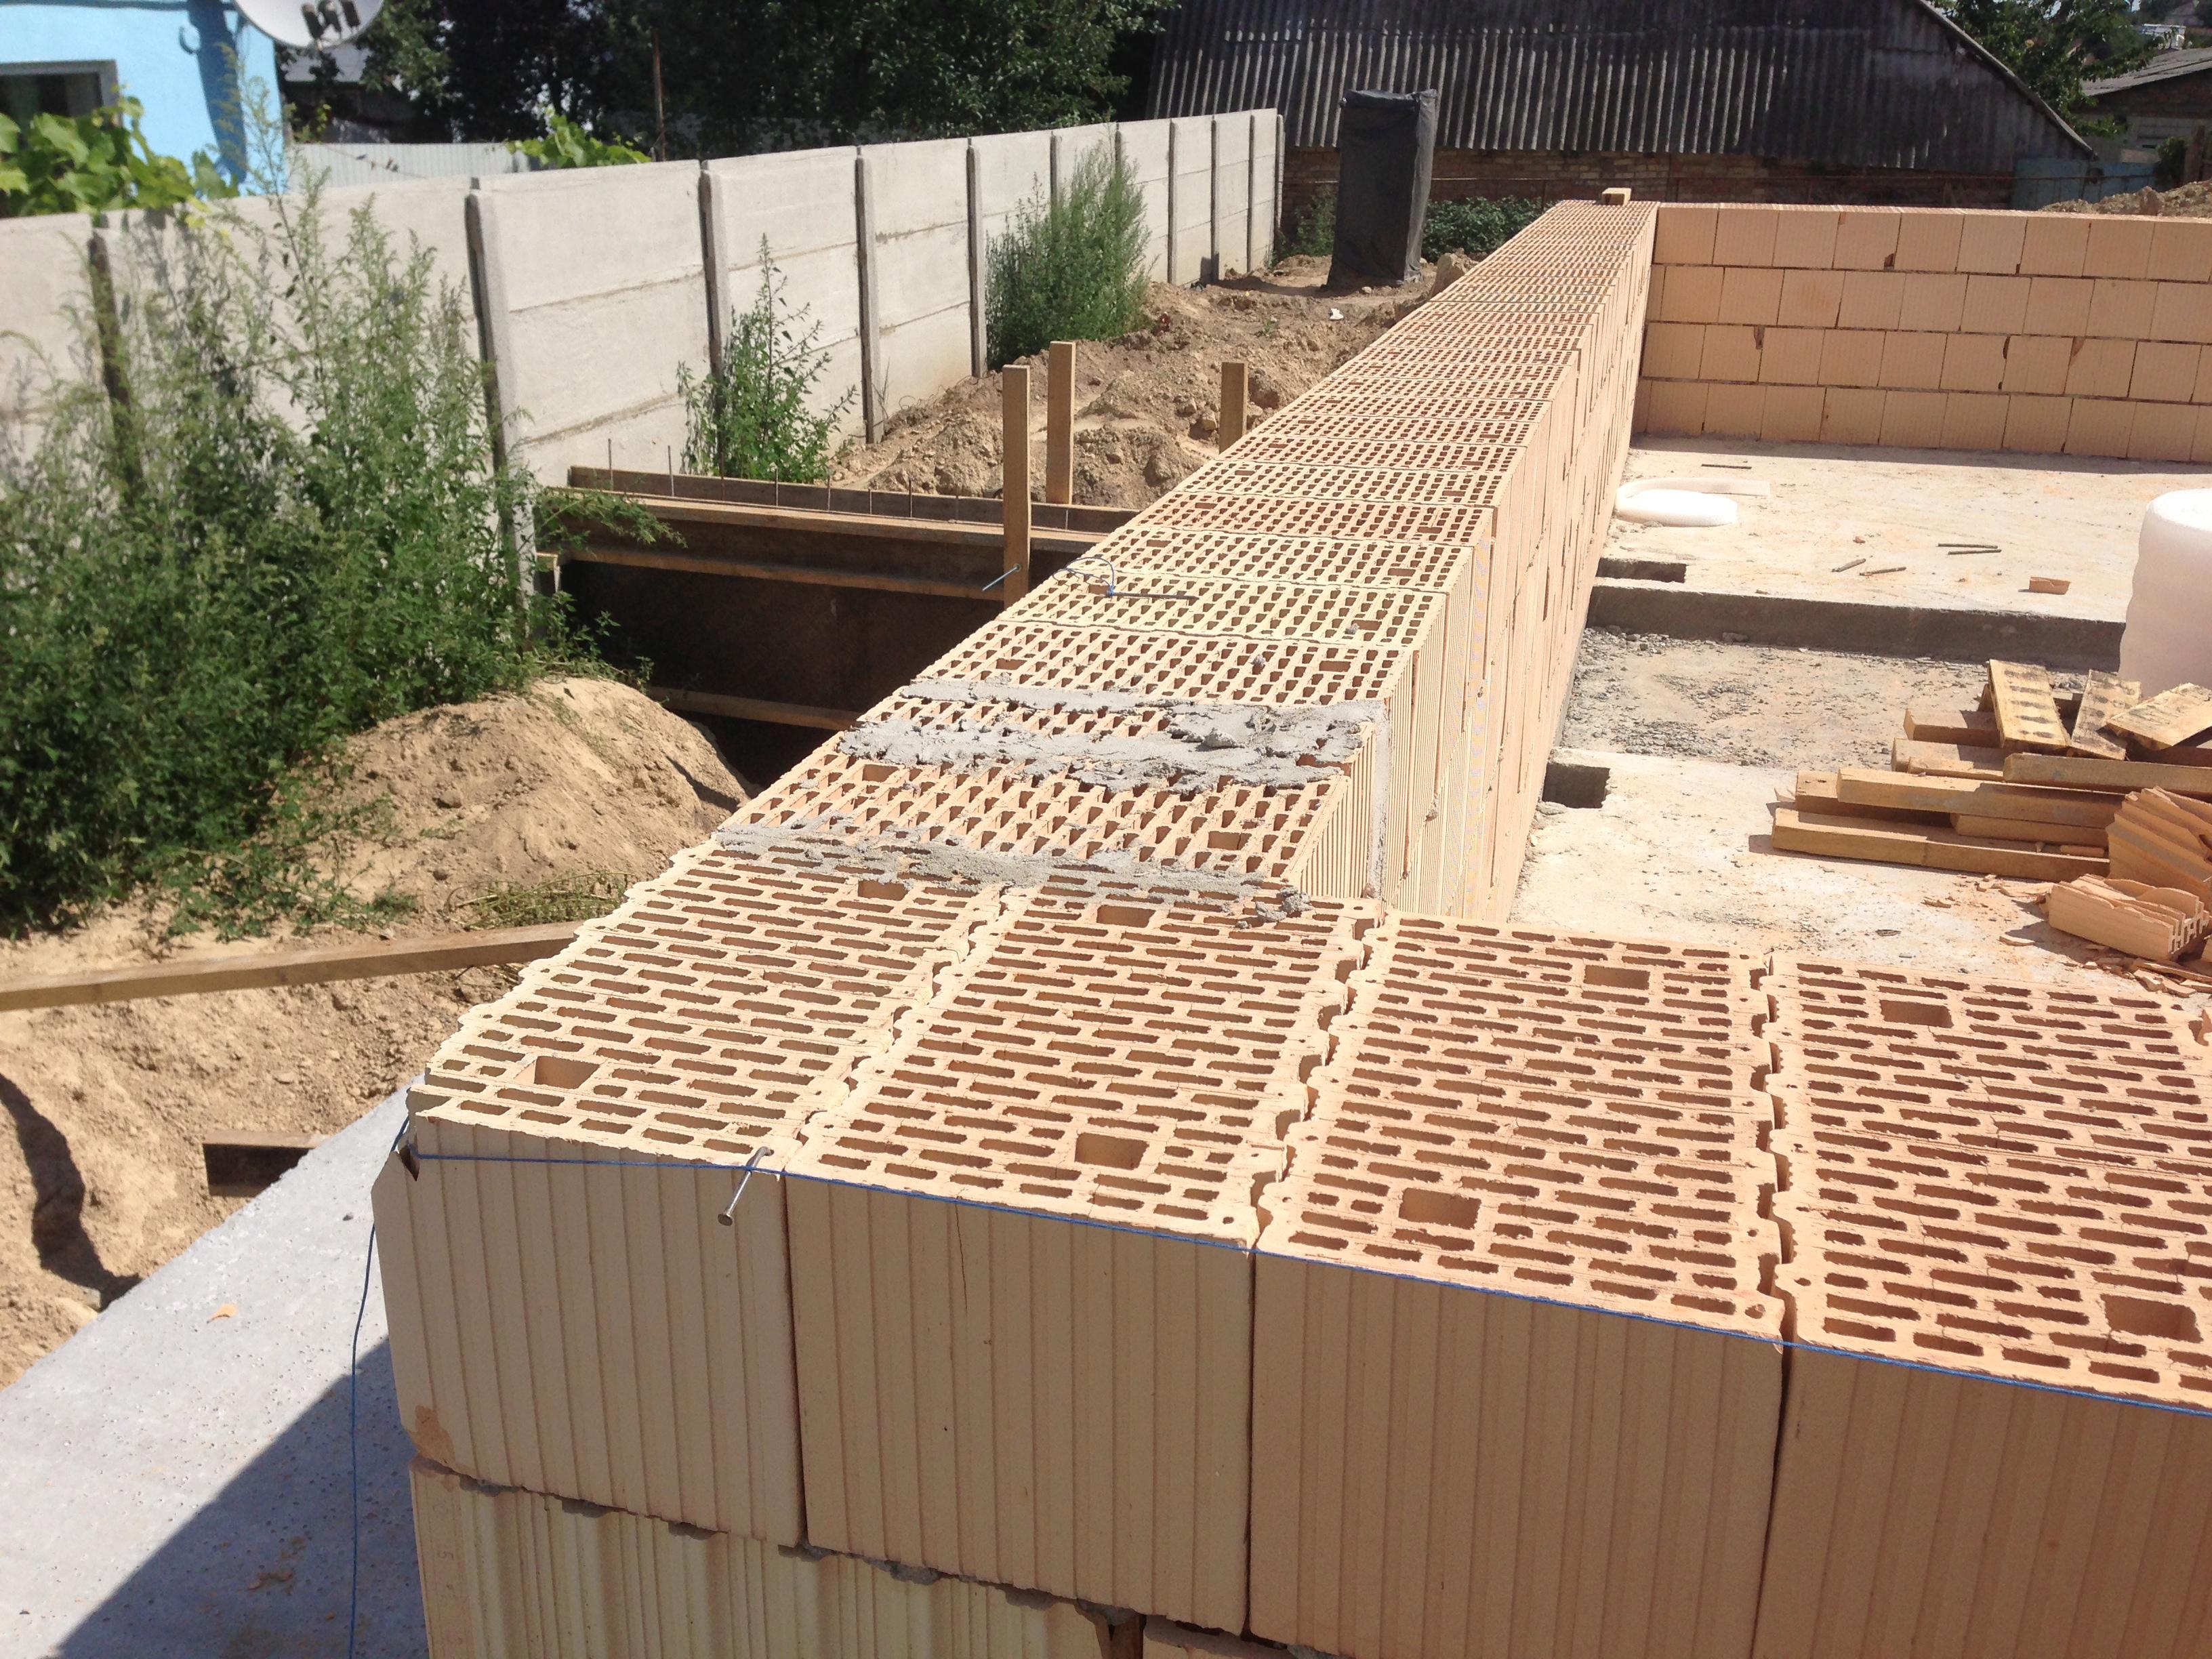 Строительство из керамических блоков своими руками